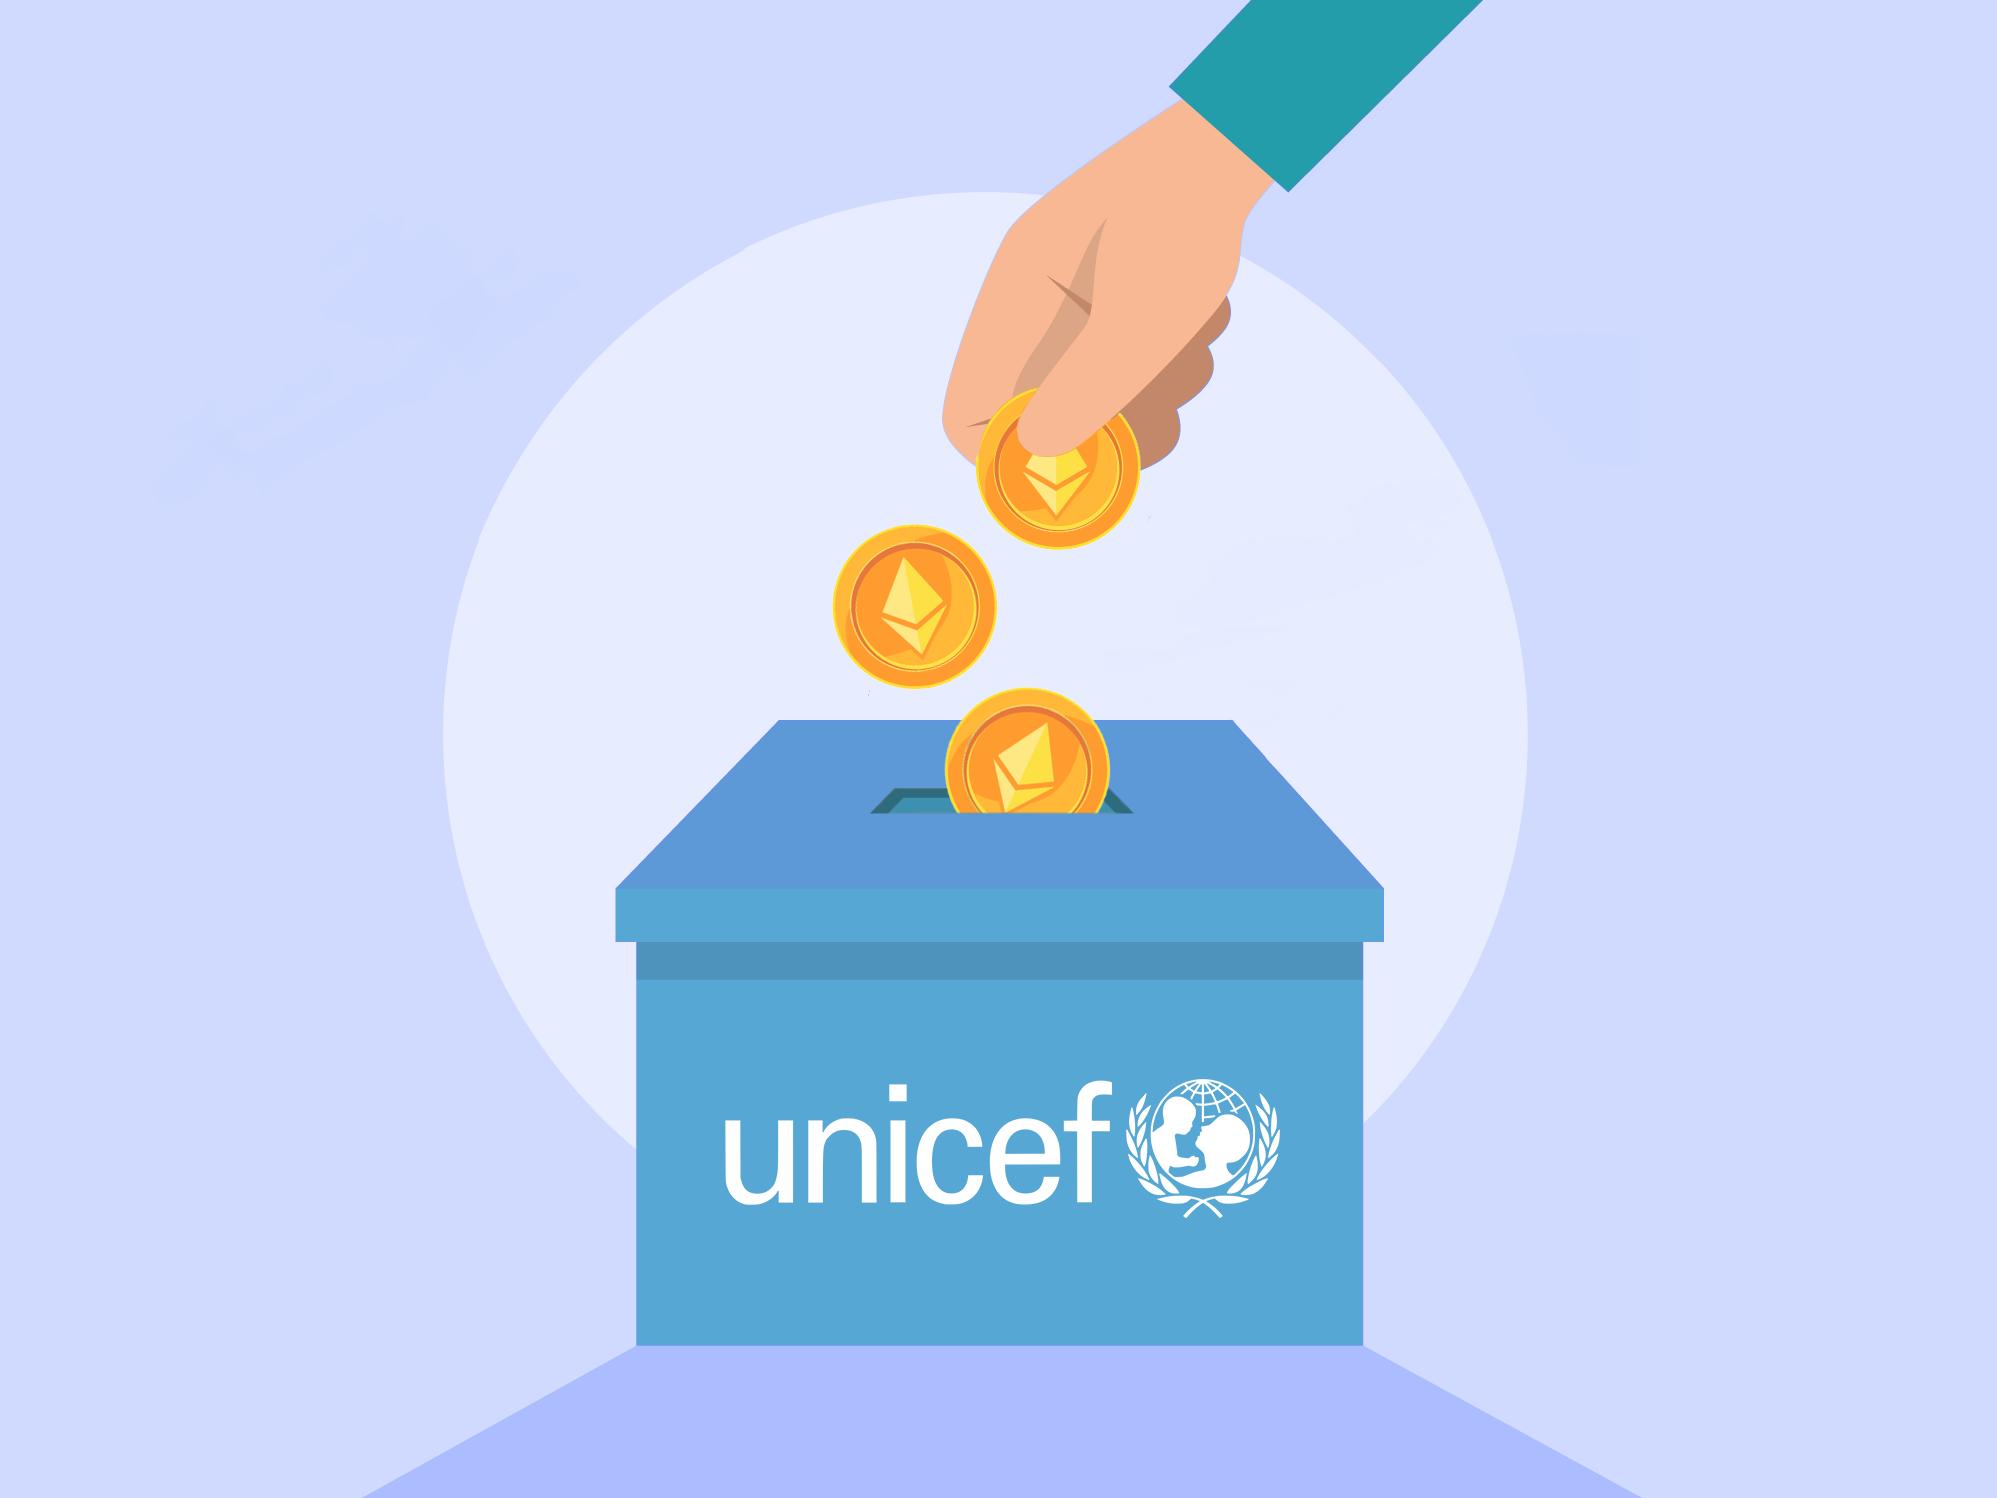 ONU Fondo criptomonedas UNICEF